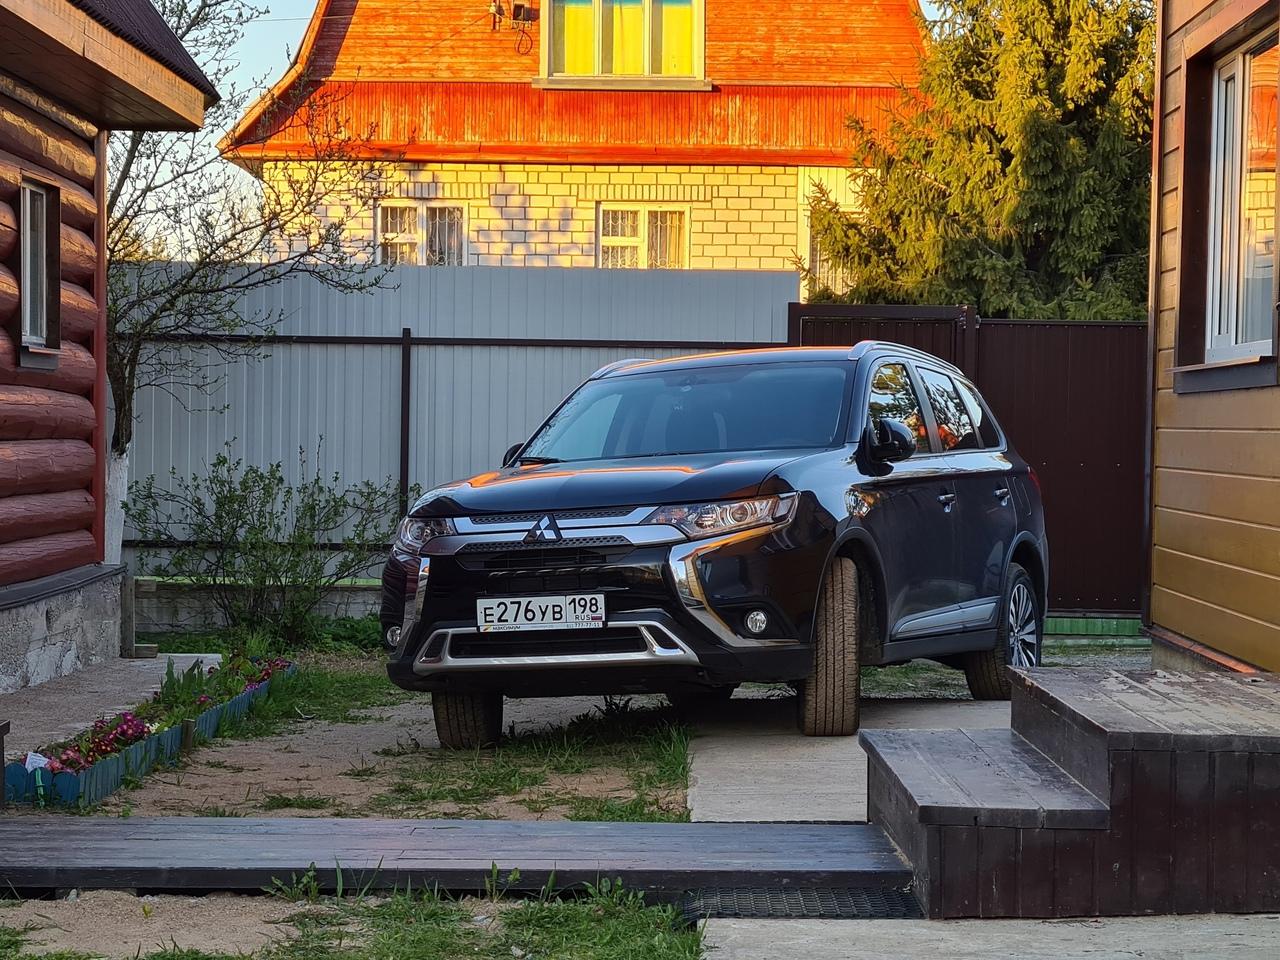 30 апреля в промежутке в районе 12 дня со стоянки у железнодорожной станции Парголово был угнан авто...